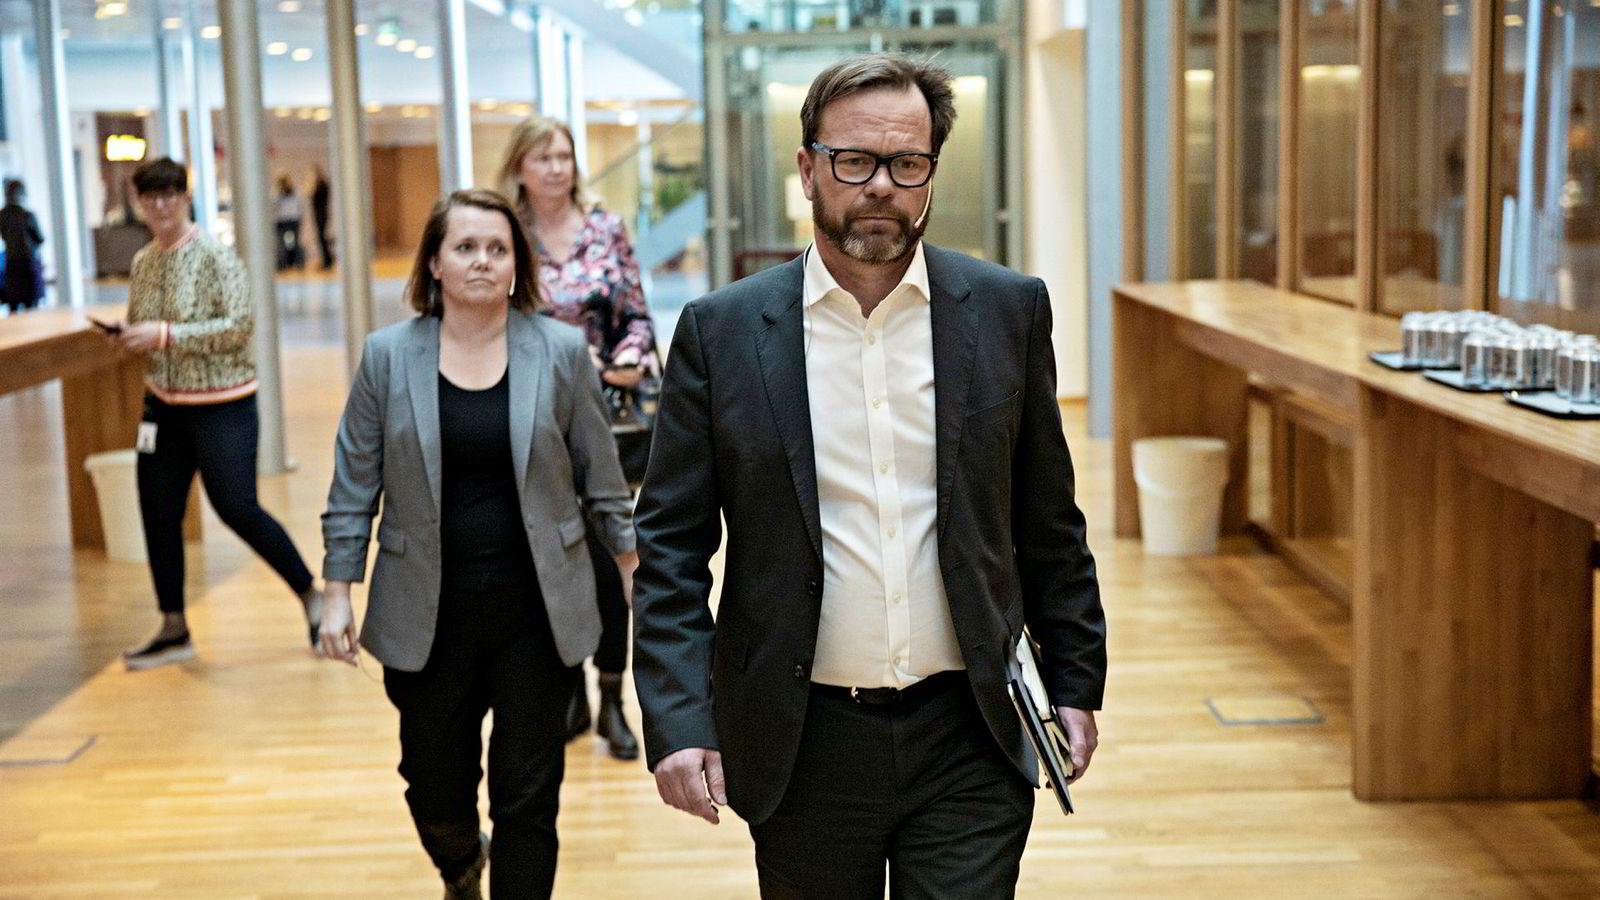 – Jo lengre angrepet er aktivt, jo lengre tid vil det ta å rydde opp, sa finansdirektør Eivind Kallevik på en pressekonferanse tirsdag. I bakgrunnen: Cybersikkerhetsdirektør Bente Hoff i Nasjonal sikkerhetsmyndighet (NSM).